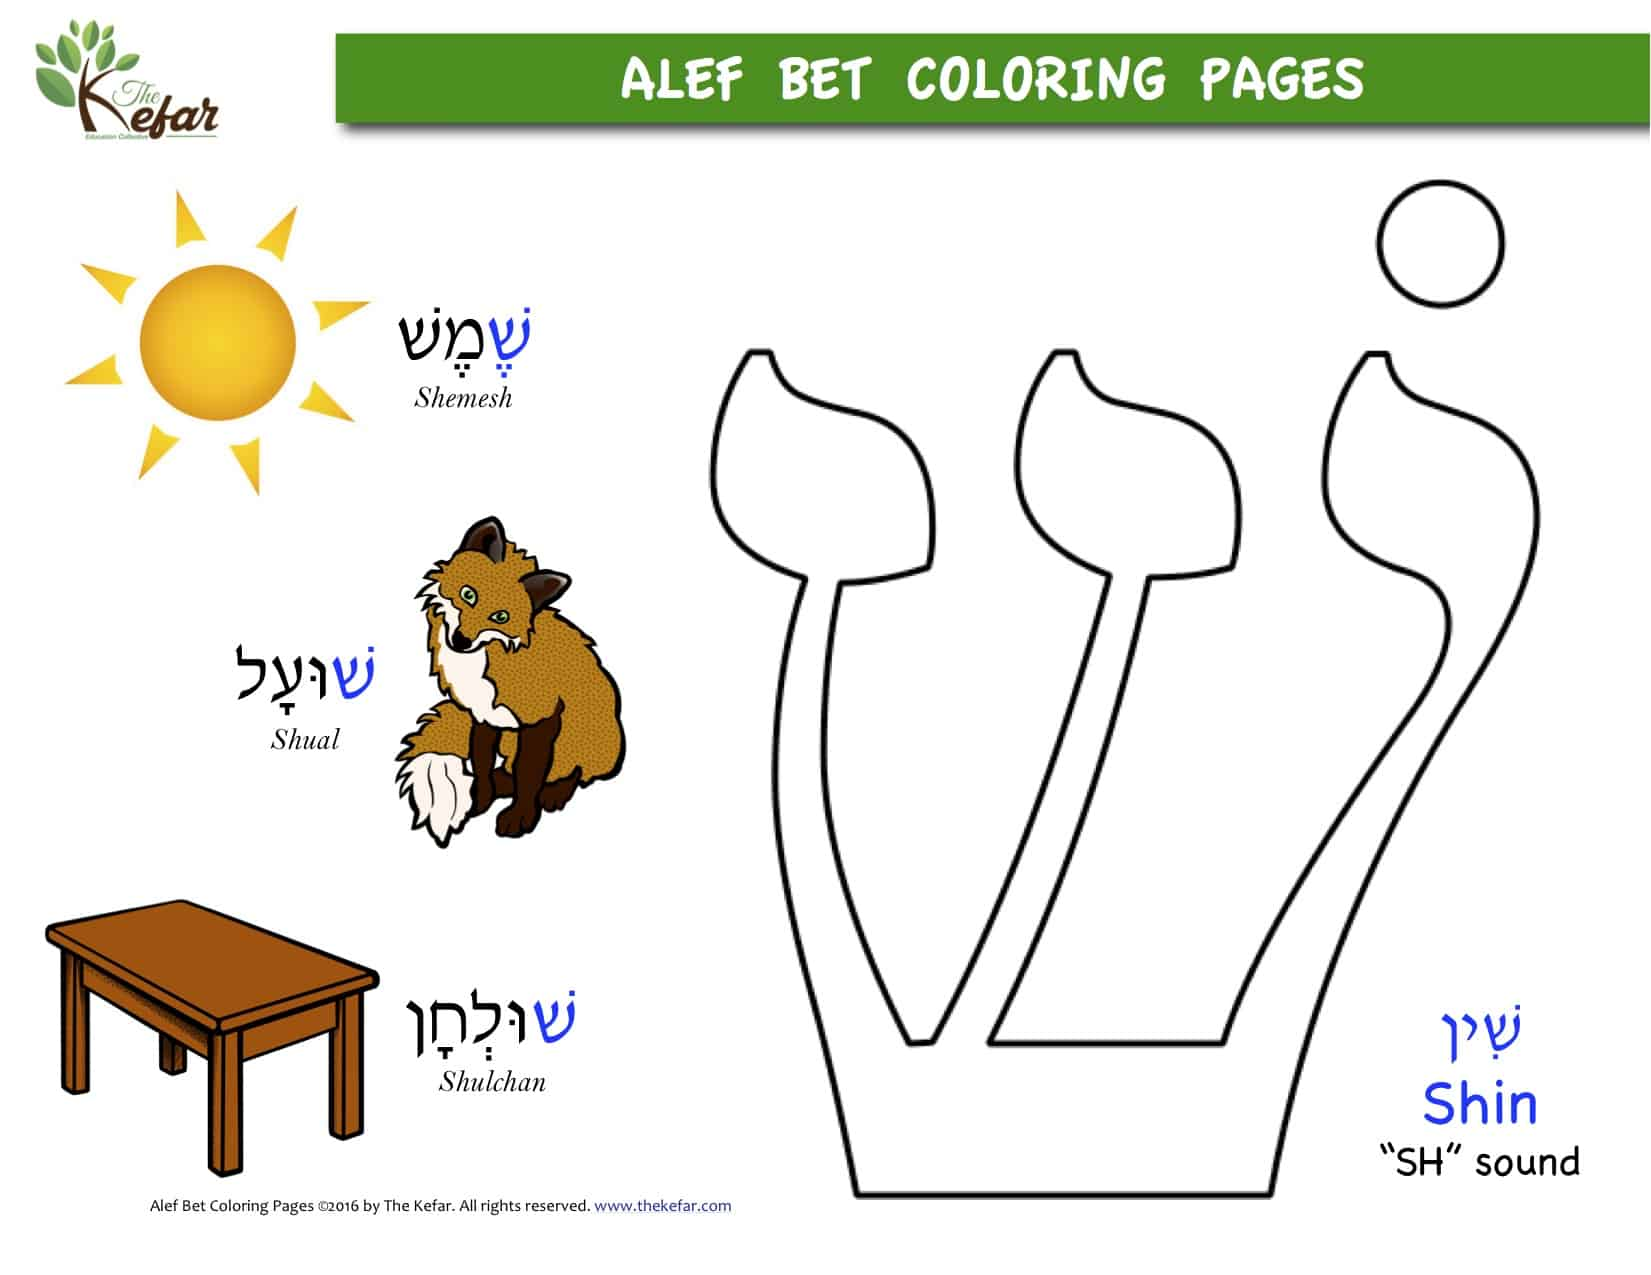 Dorable Alef Bet Para Colorear Colección - Ideas Creativas para ...